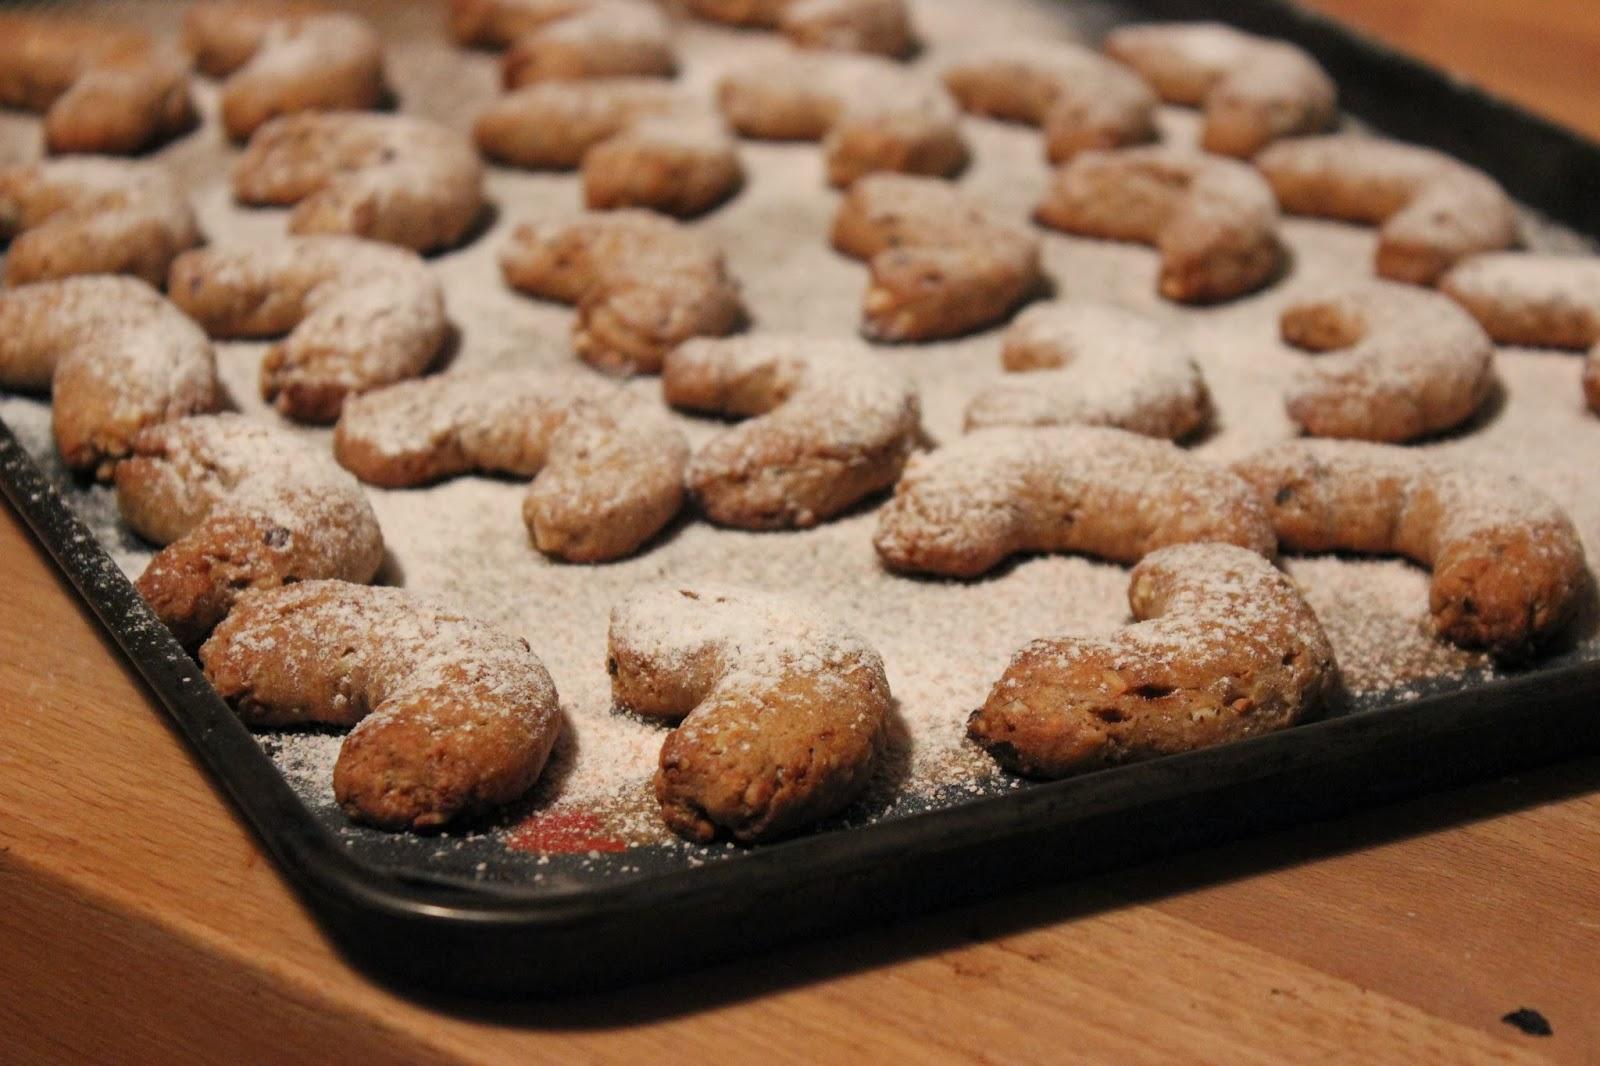 https://cuillereetsaladier.blogspot.com/2013/12/croissants-sables-aux-noisettes.html